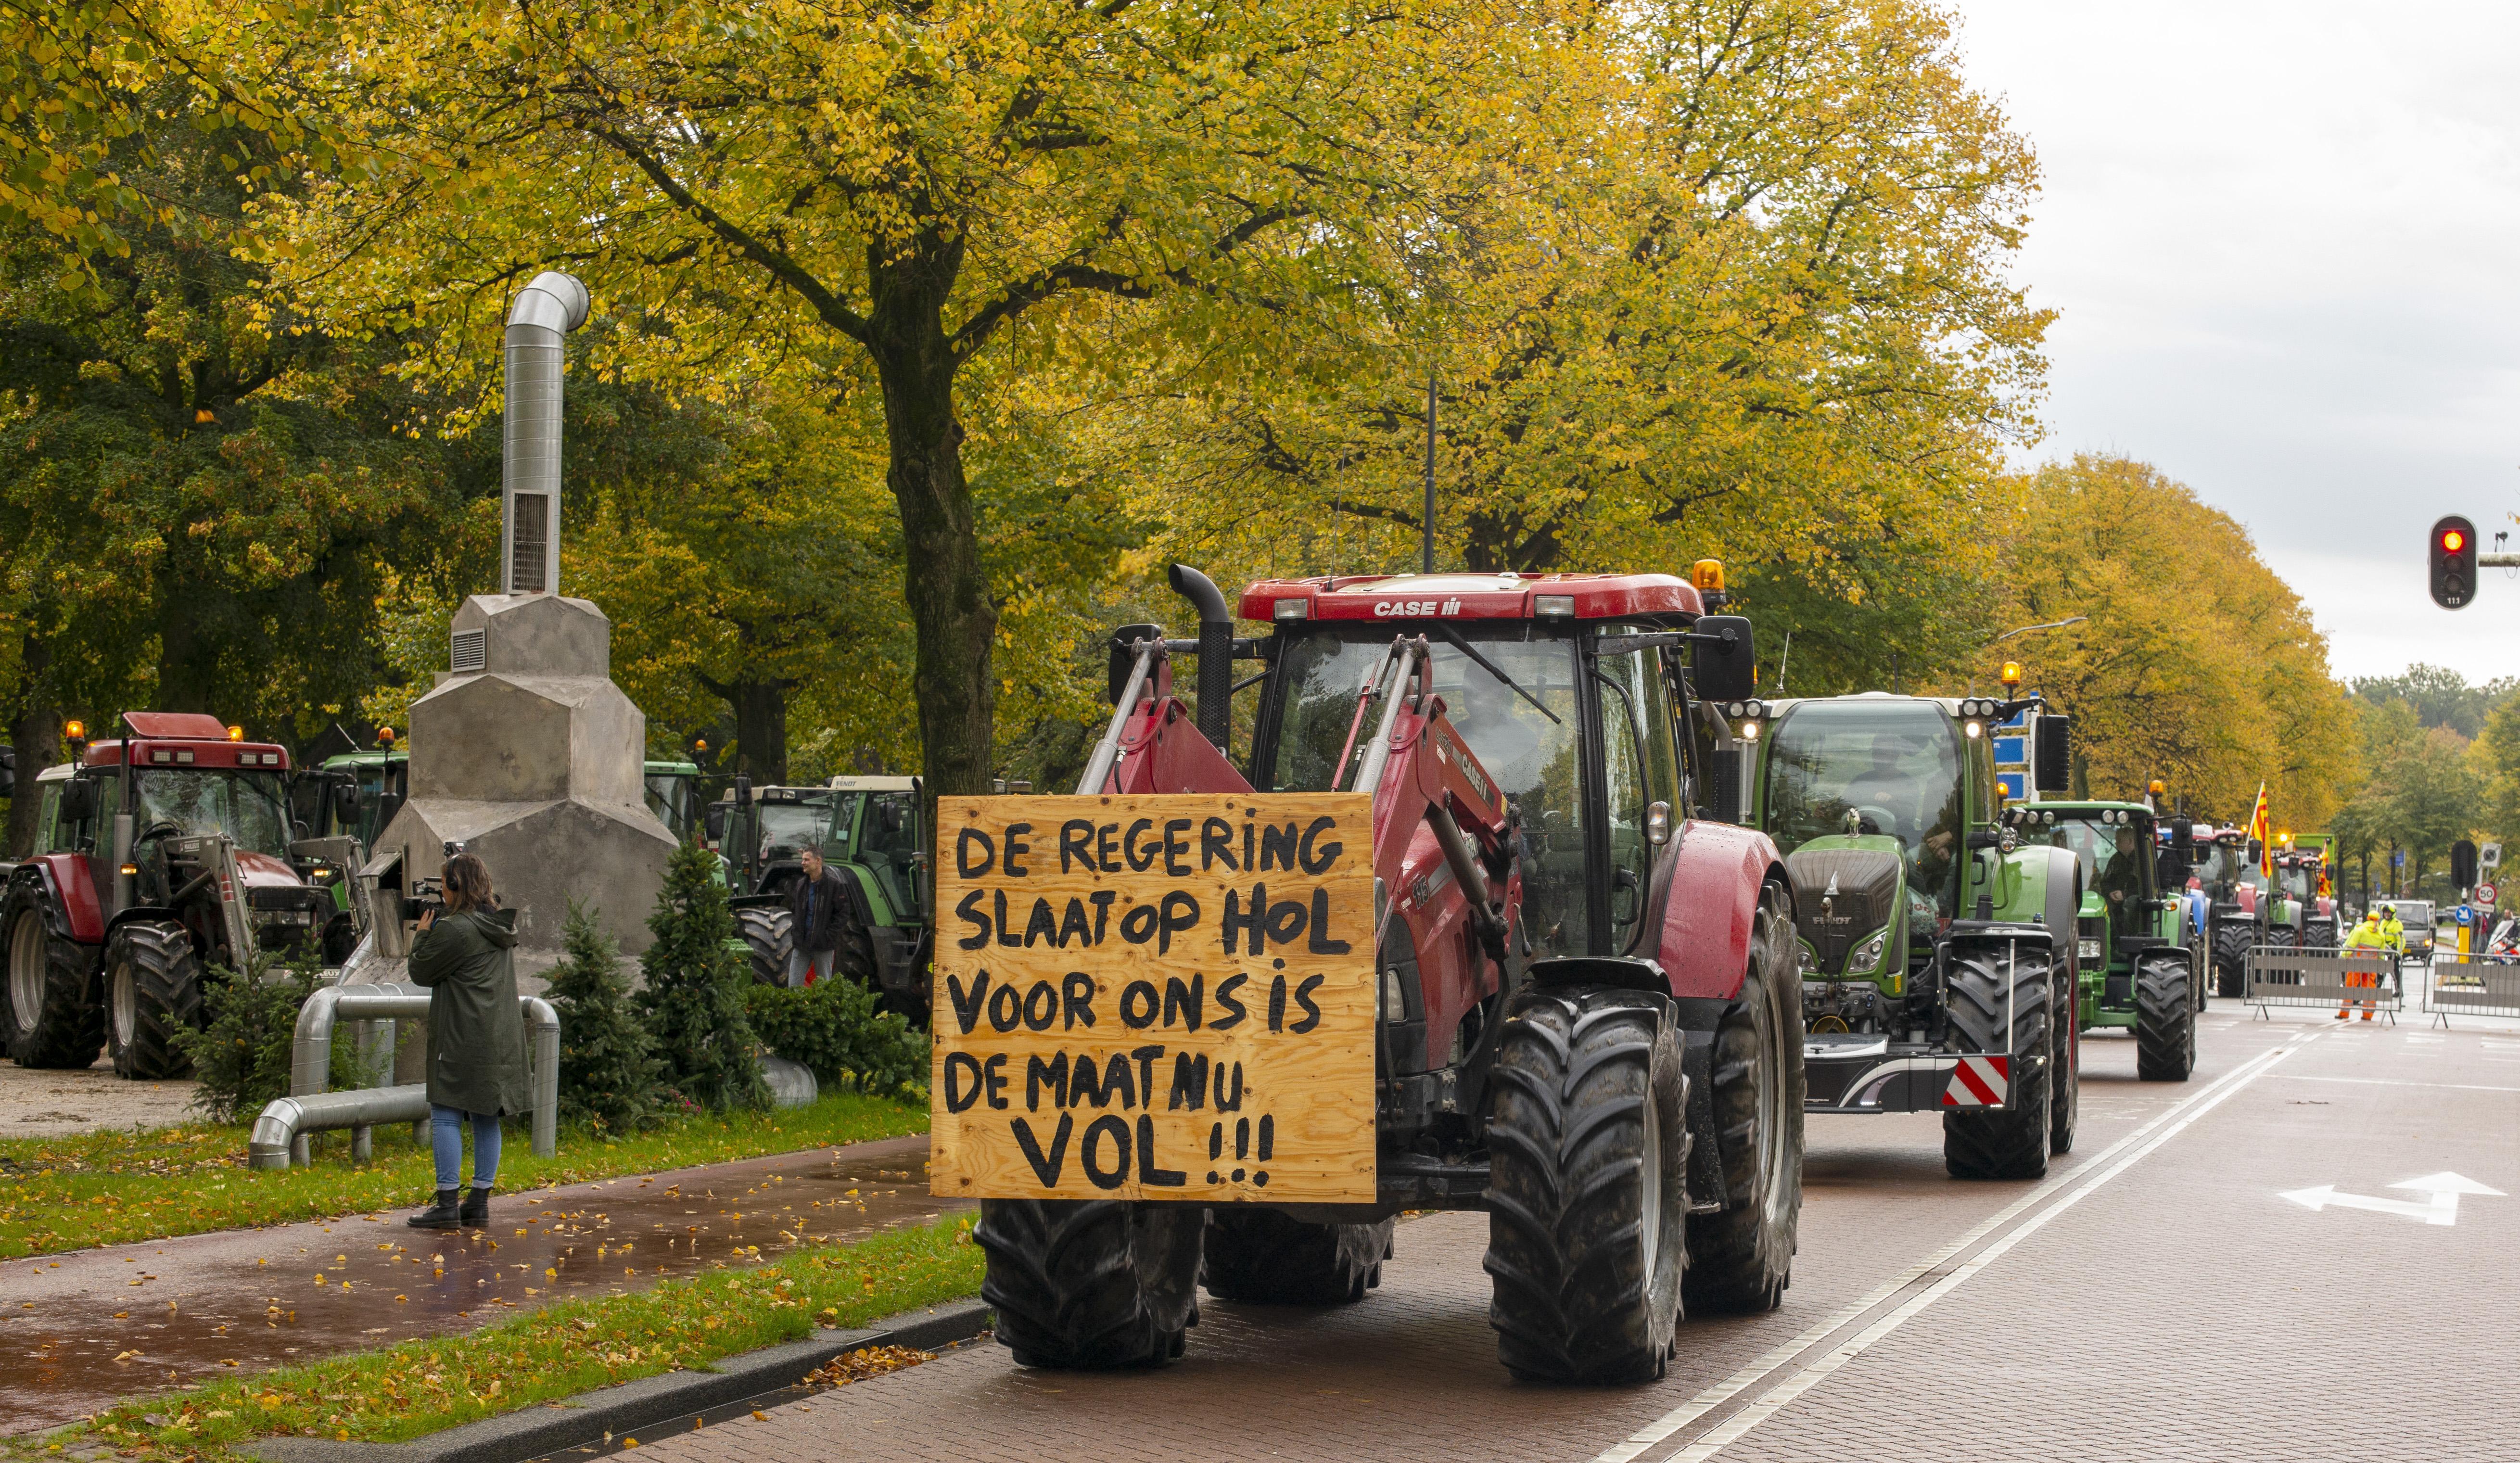 Bergen, Schagen en Opmeer komen met eigen stikstofaanpak: handelen in 'stikstofsaldo'